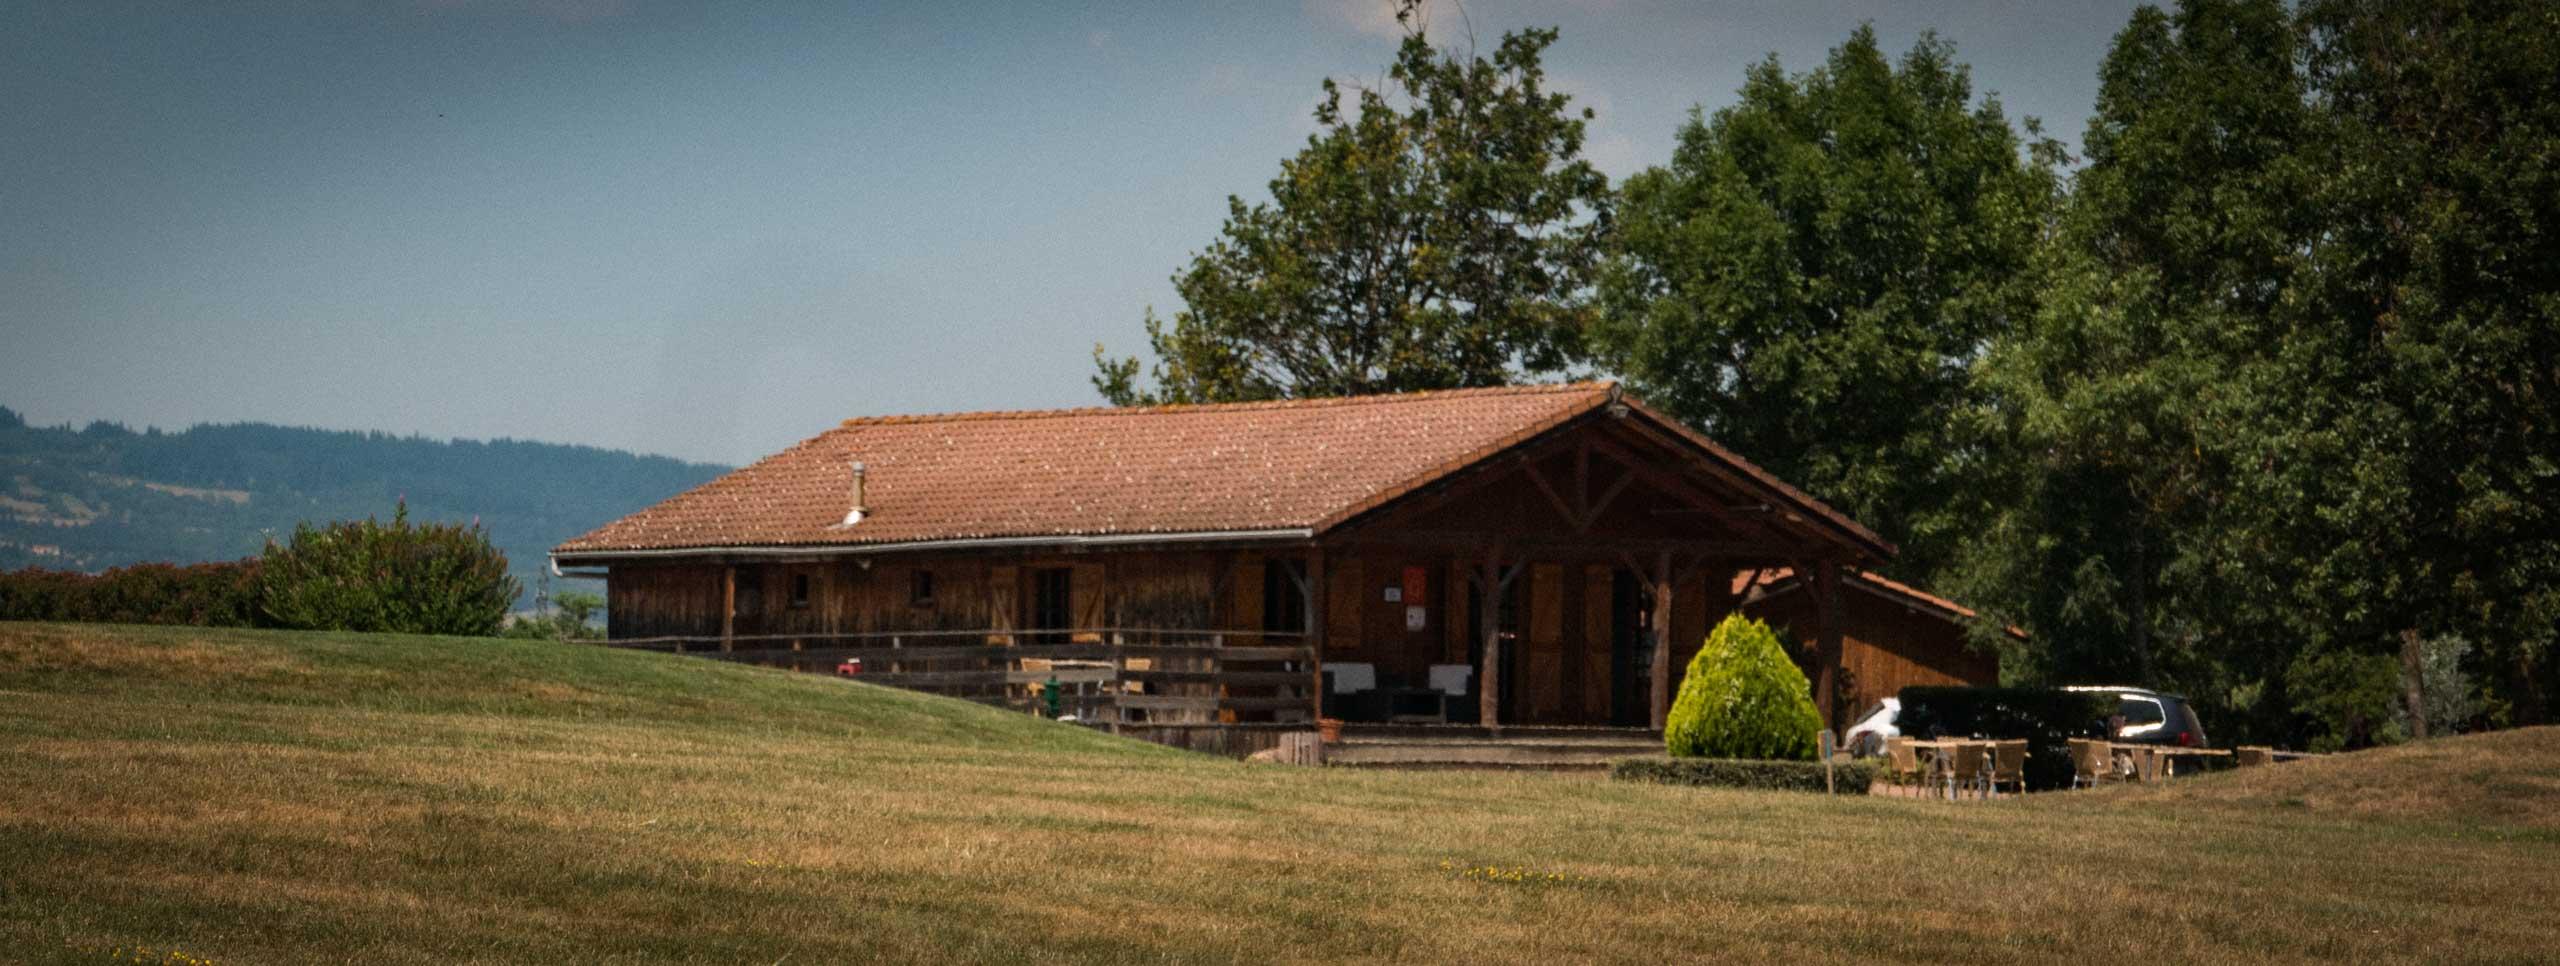 Golf Club Domaine De Champlong Travaux 18 Trous 9